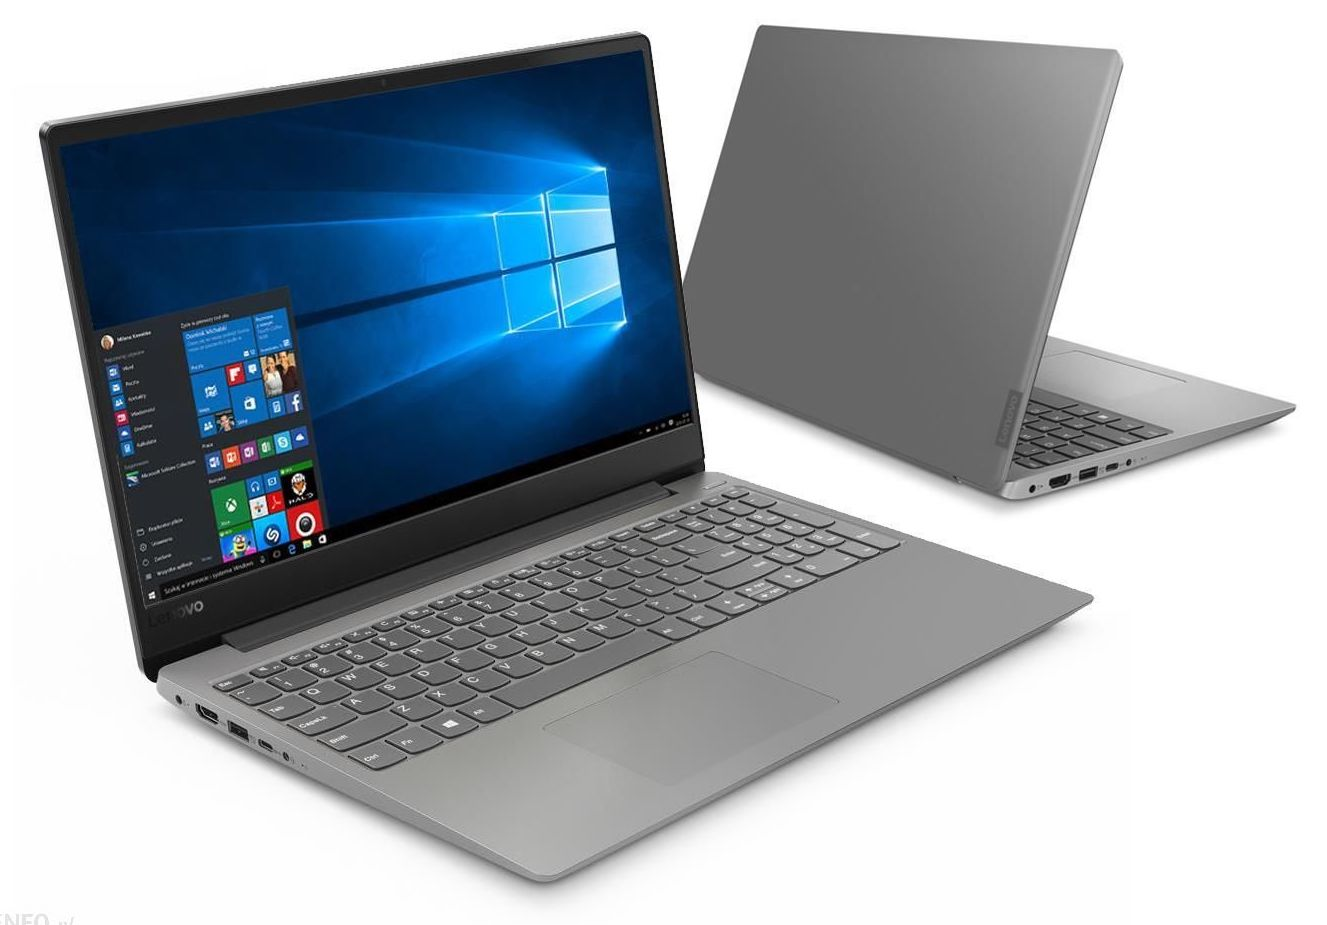 Revue de presse des tests publiés sur le Web (Lenovo IdeaPad 330s-15ARR)